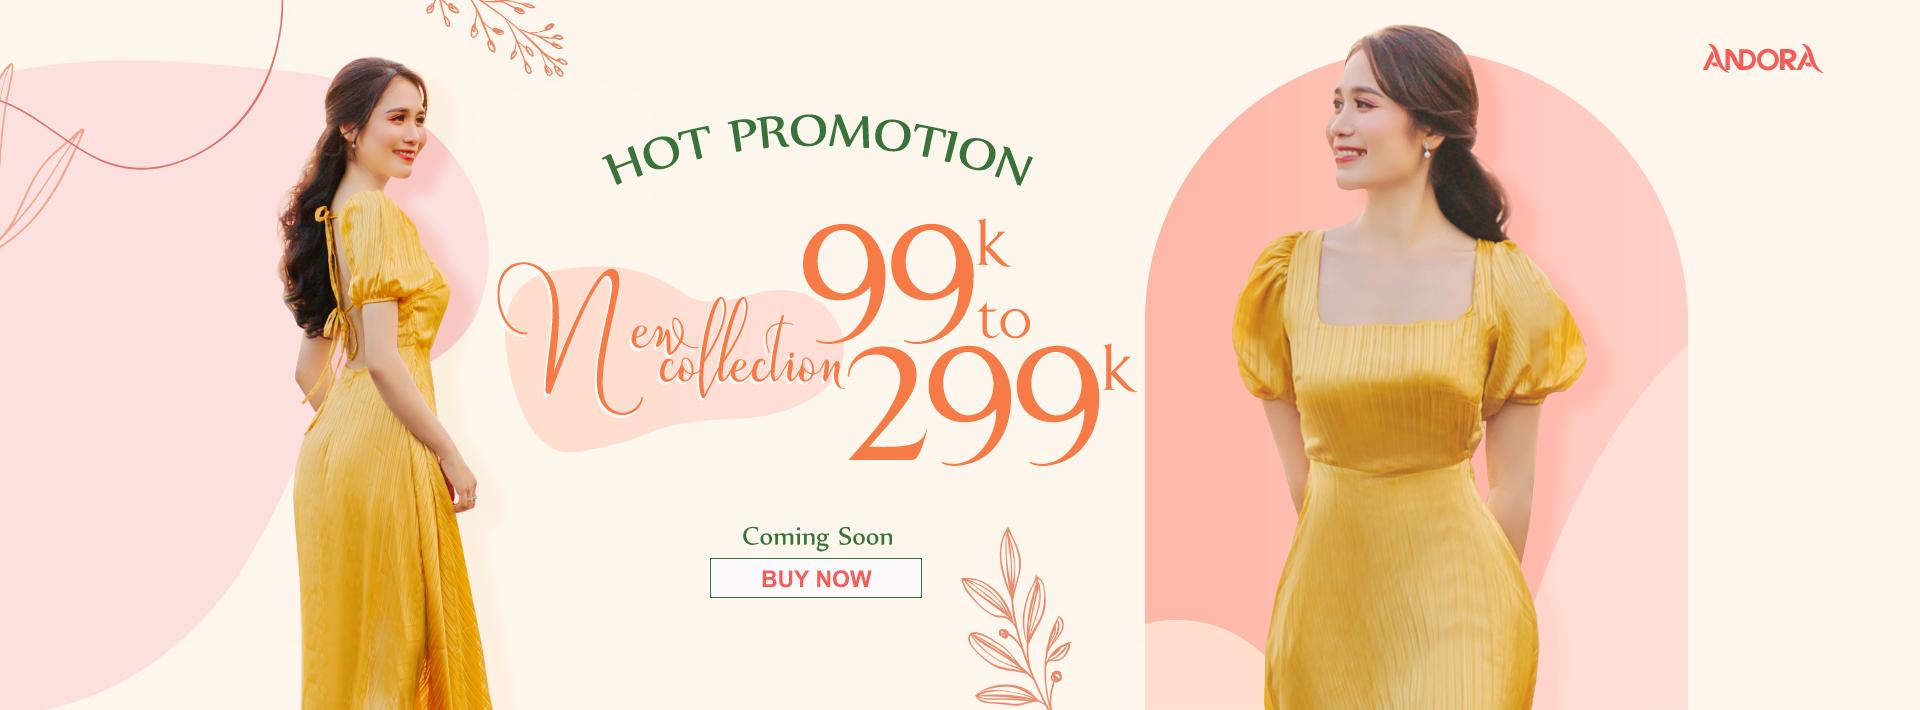 HOT PROMOTION: Andora khuyến mãi thời trang công sở từ 99k đến 299k